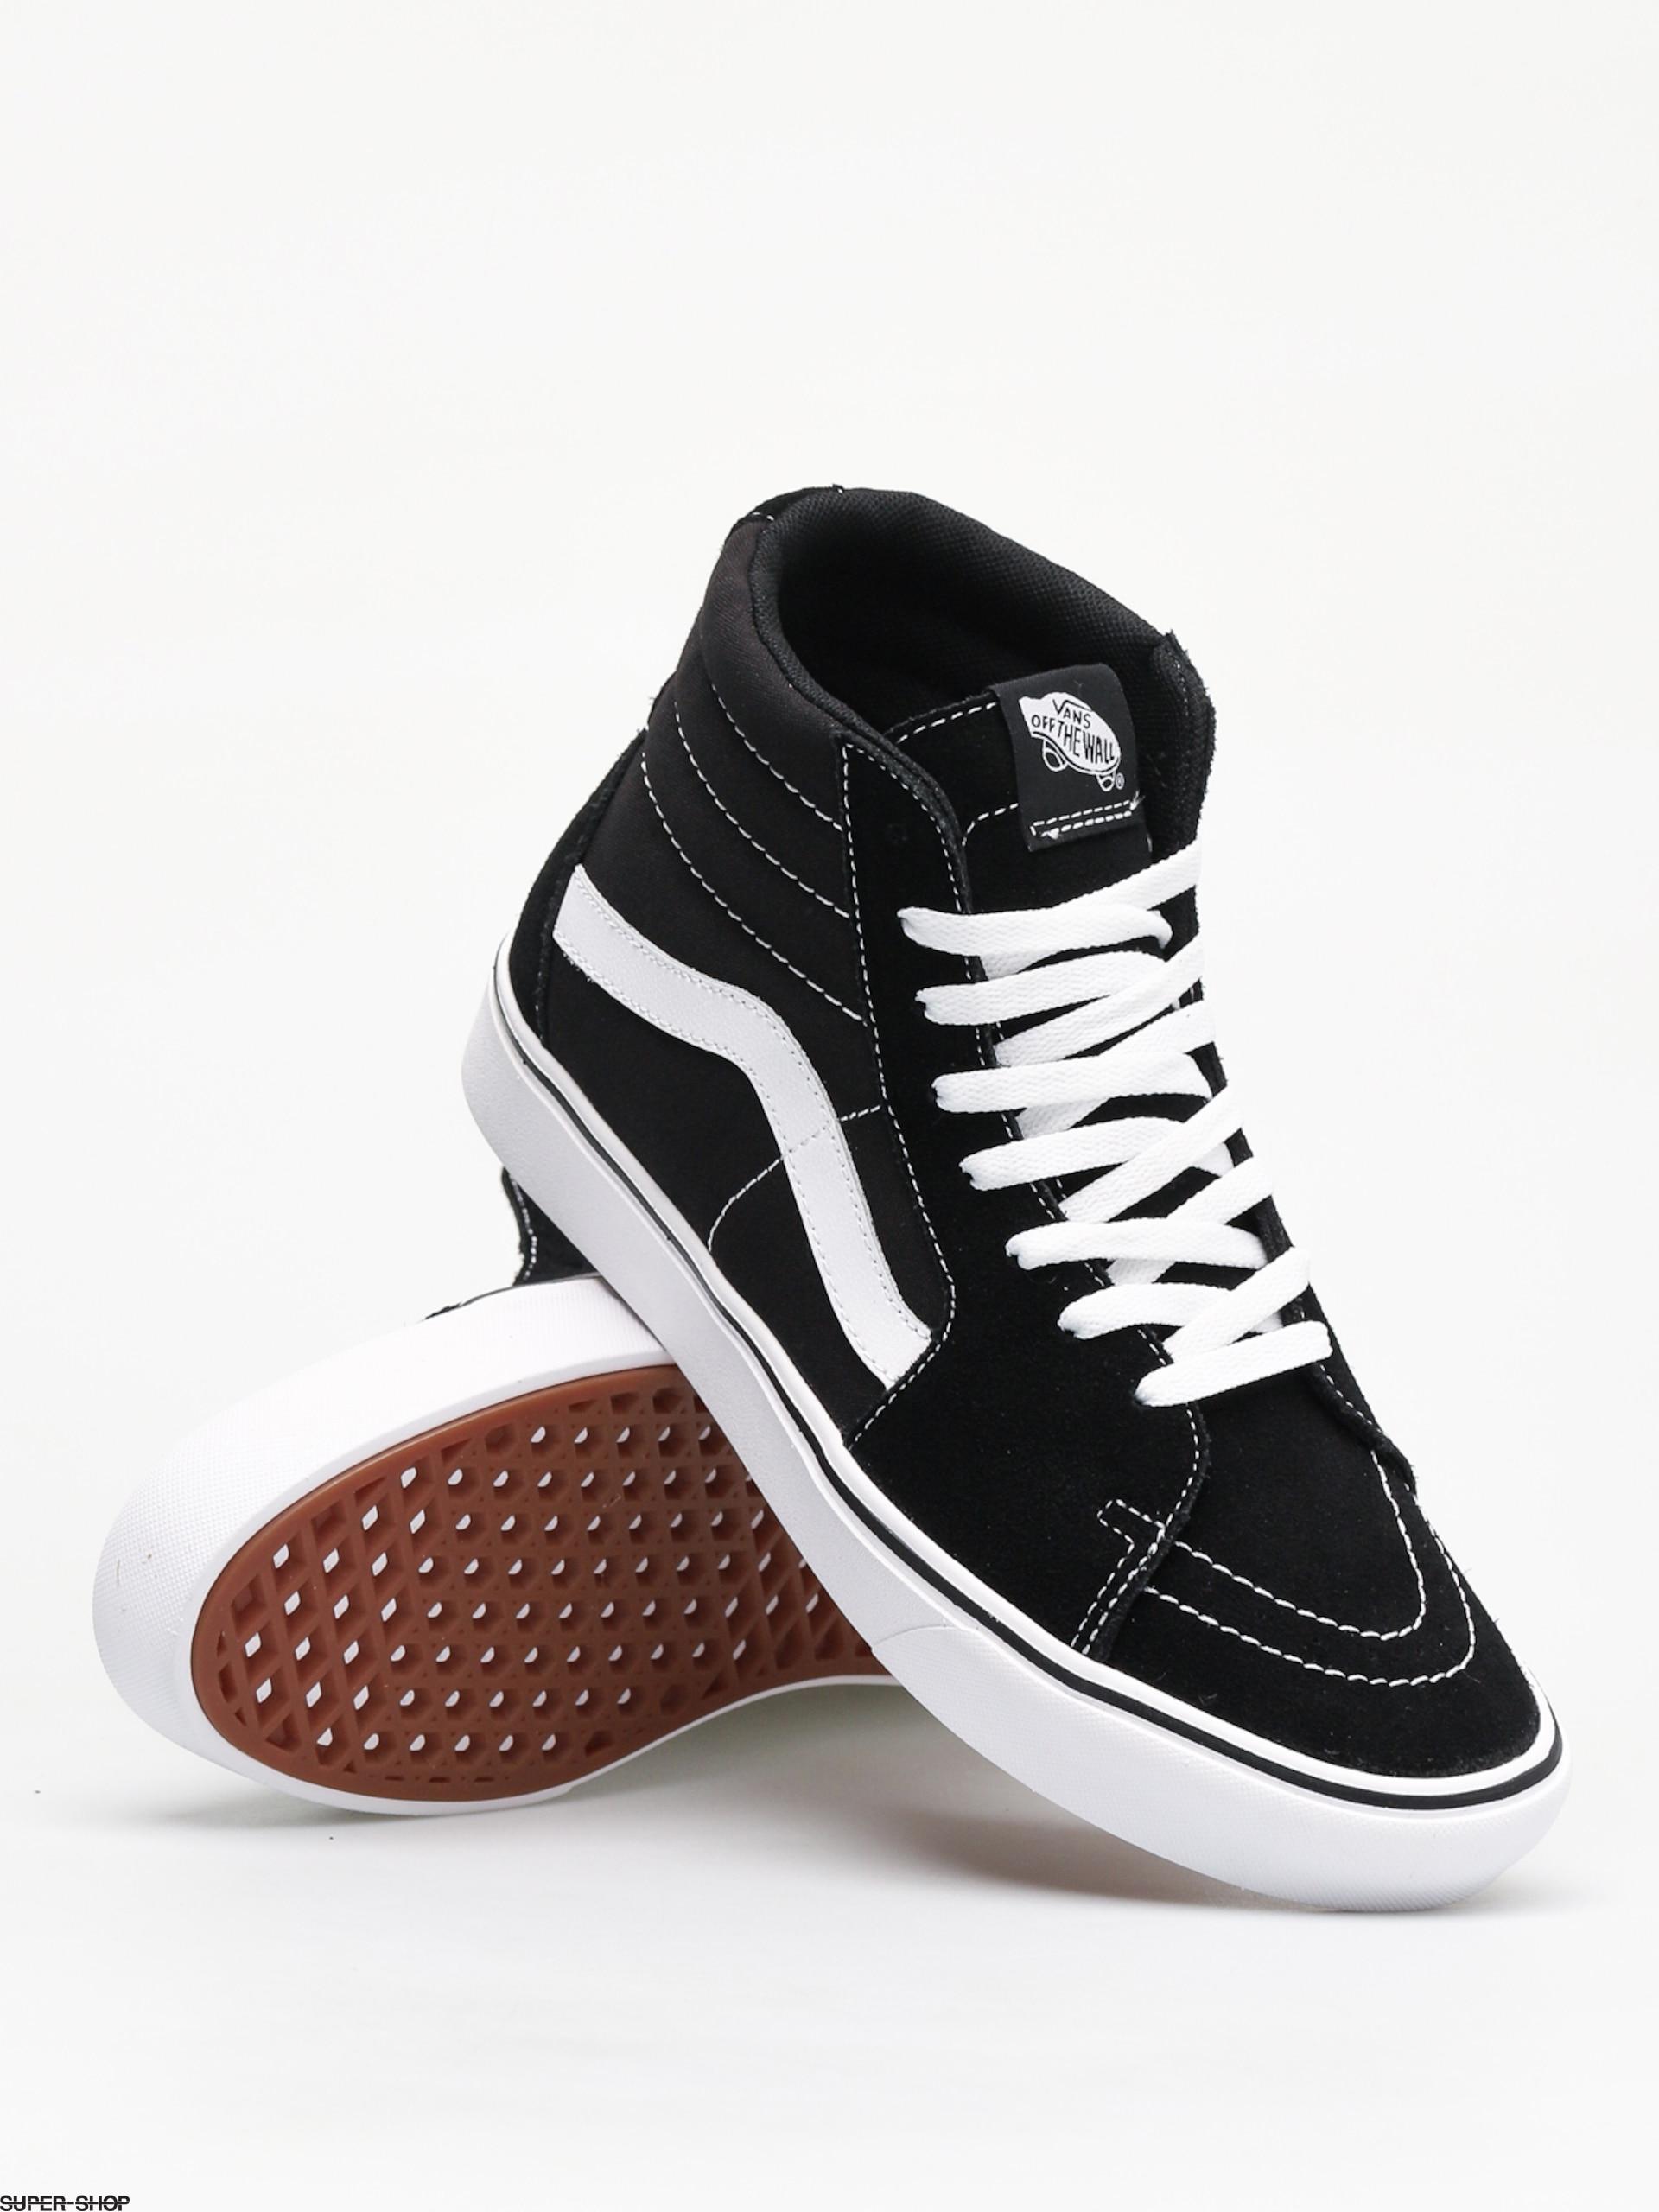 Vans ComfyCush Sk8 Hi Shoes (classic) c23de1625